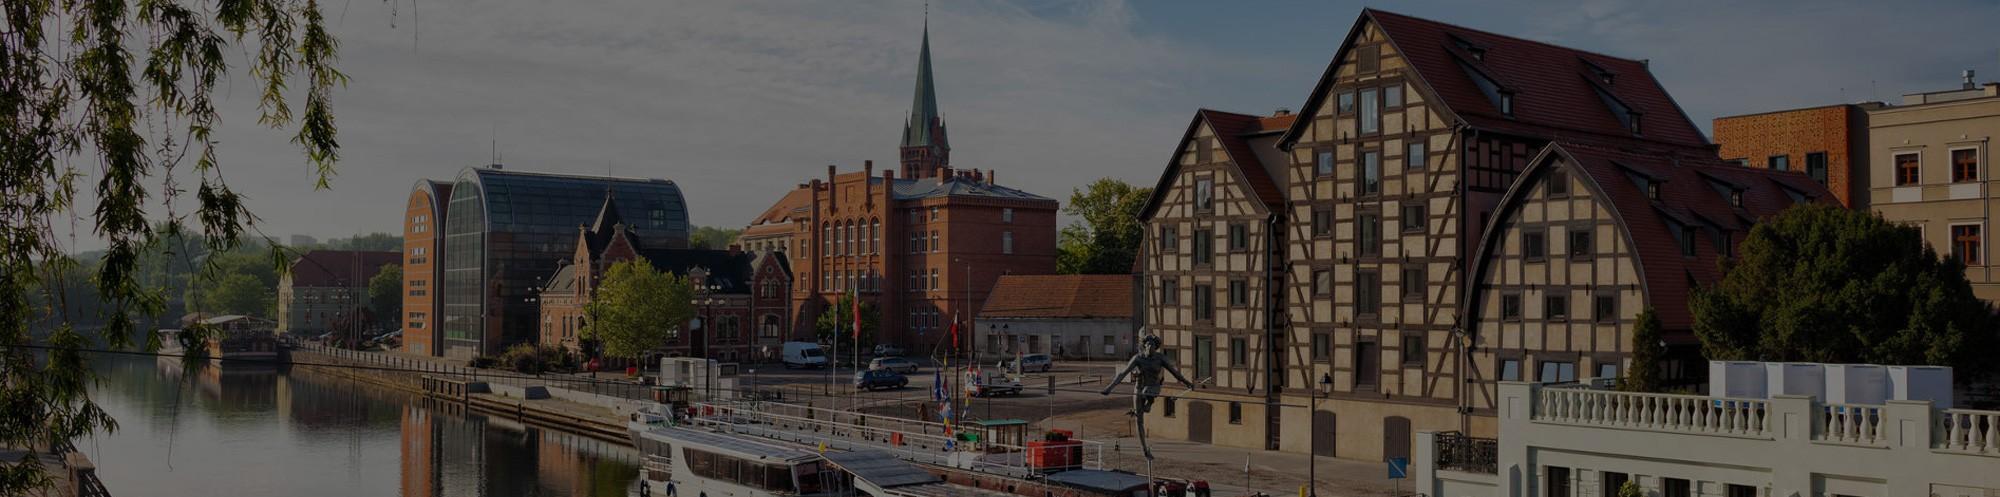 Zakupy-Bydgoszcz